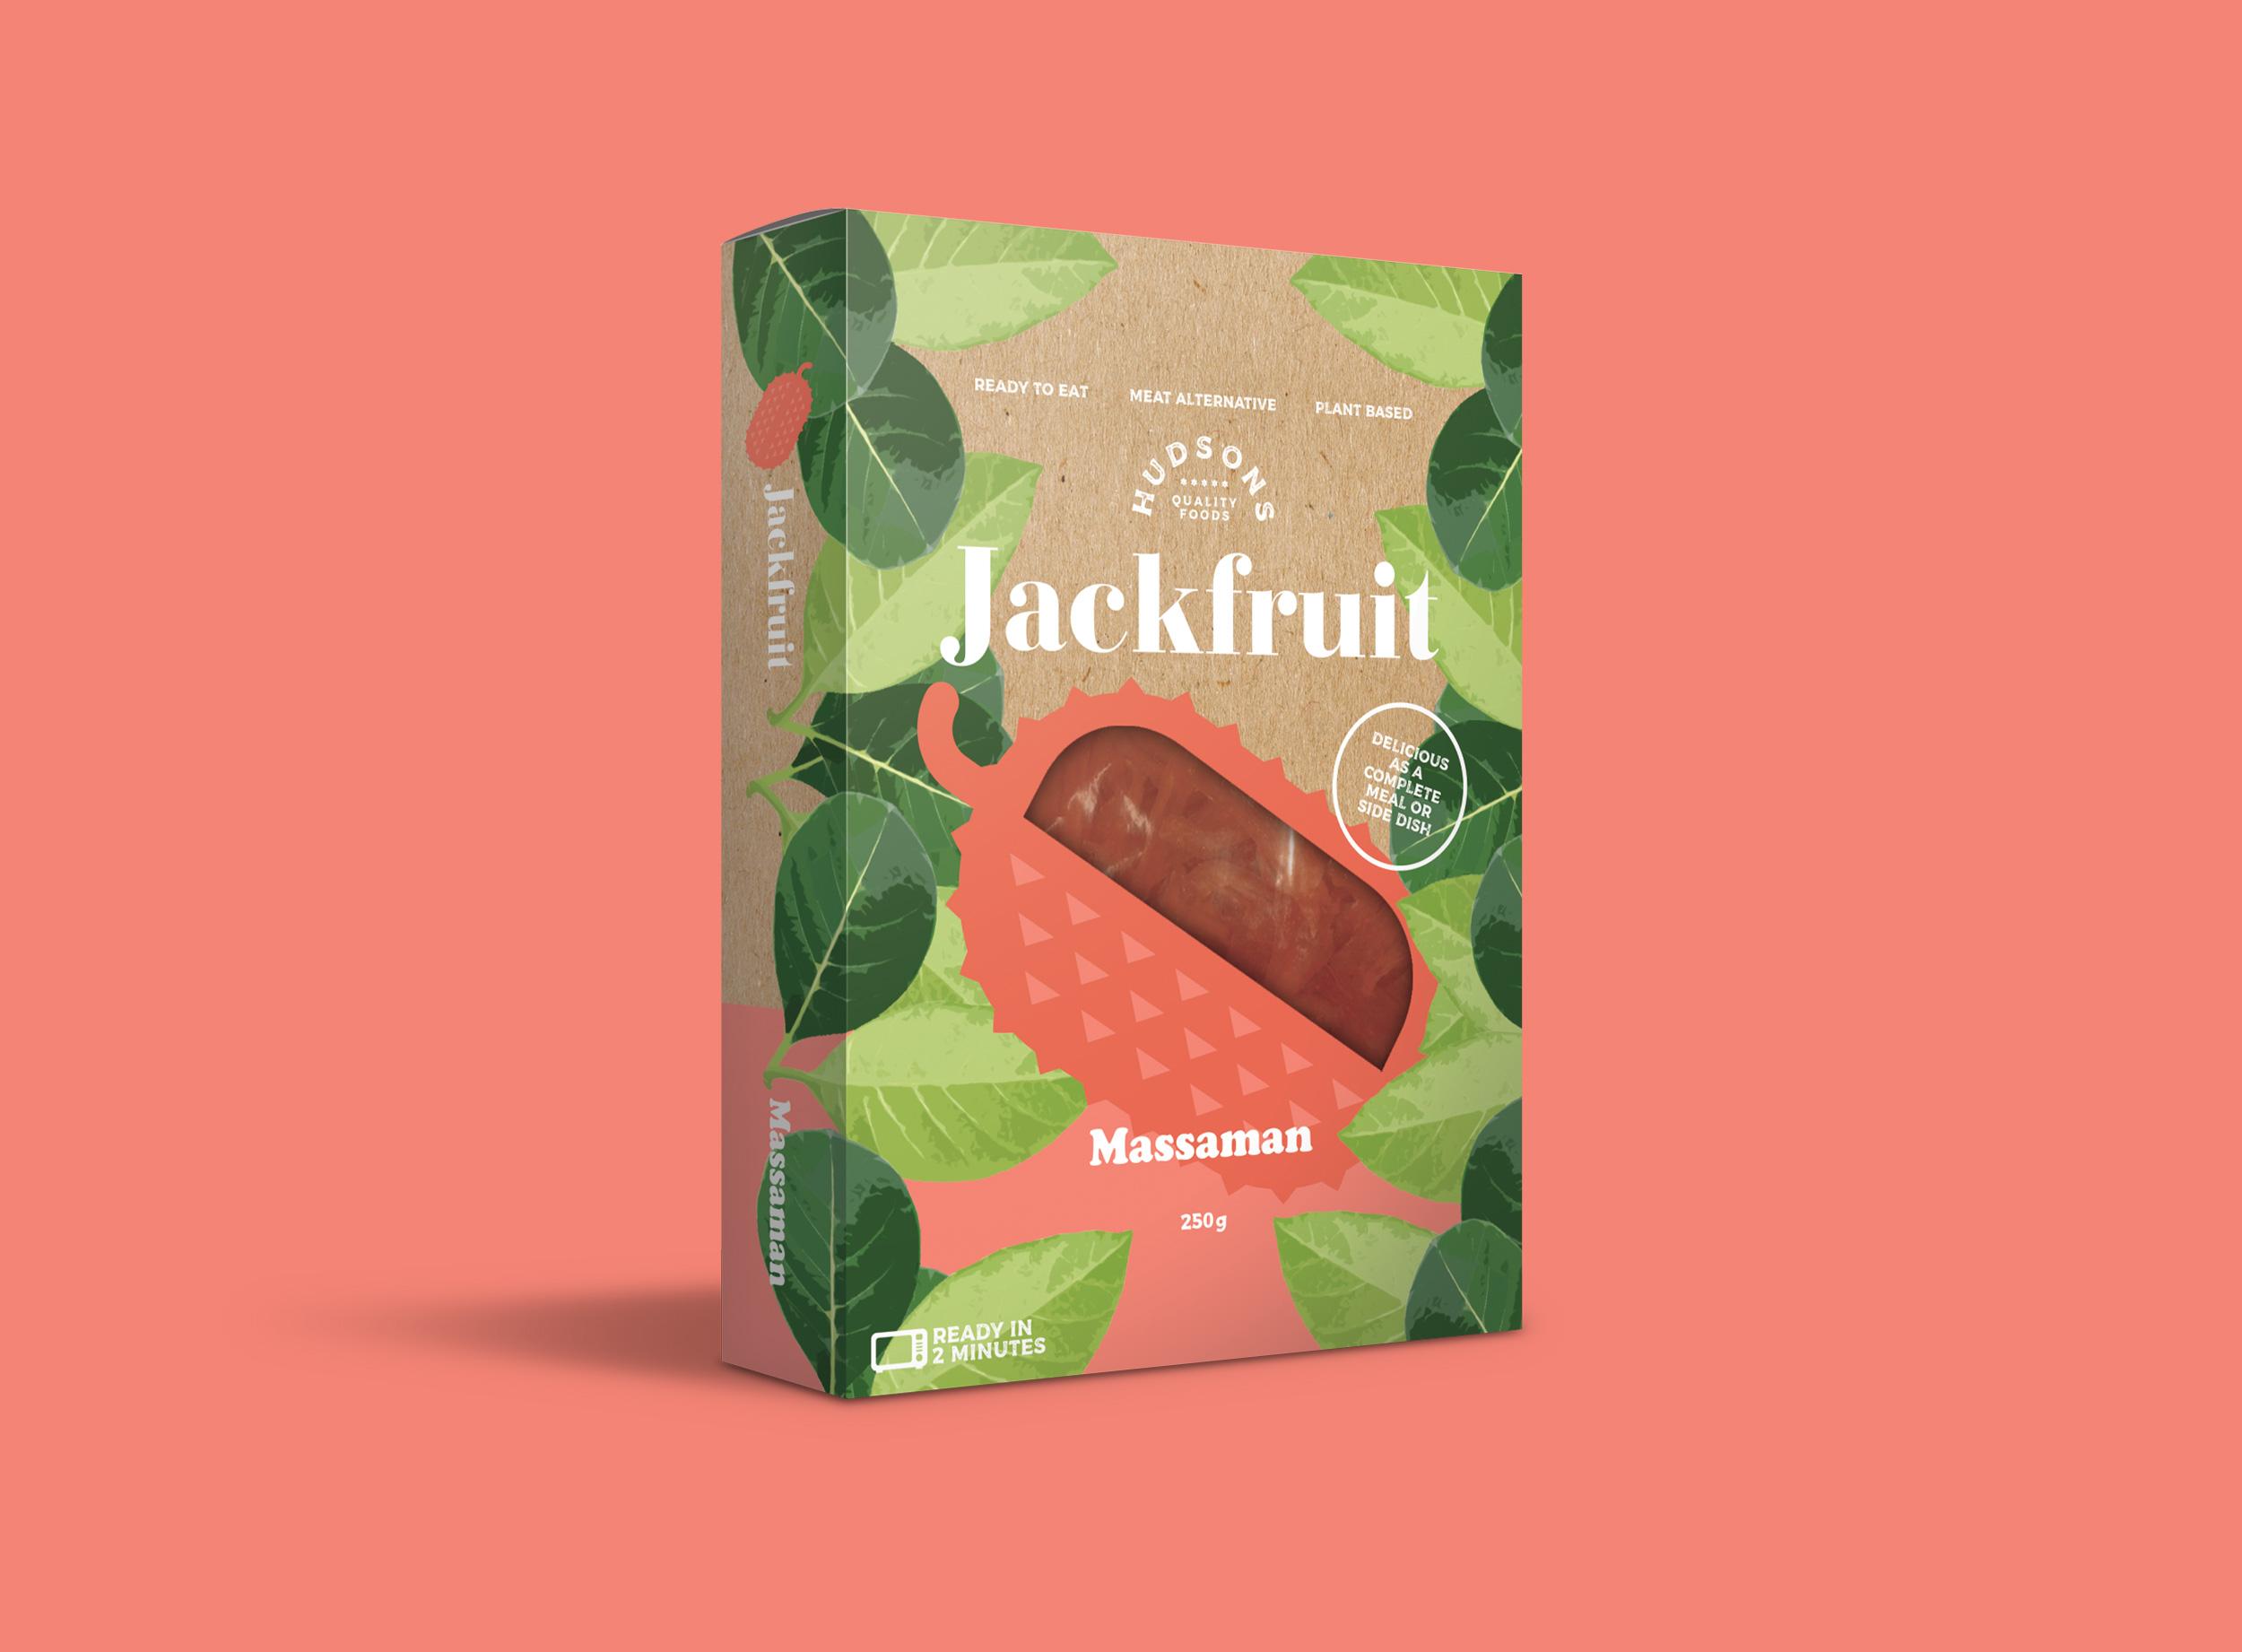 Massaman packaging.